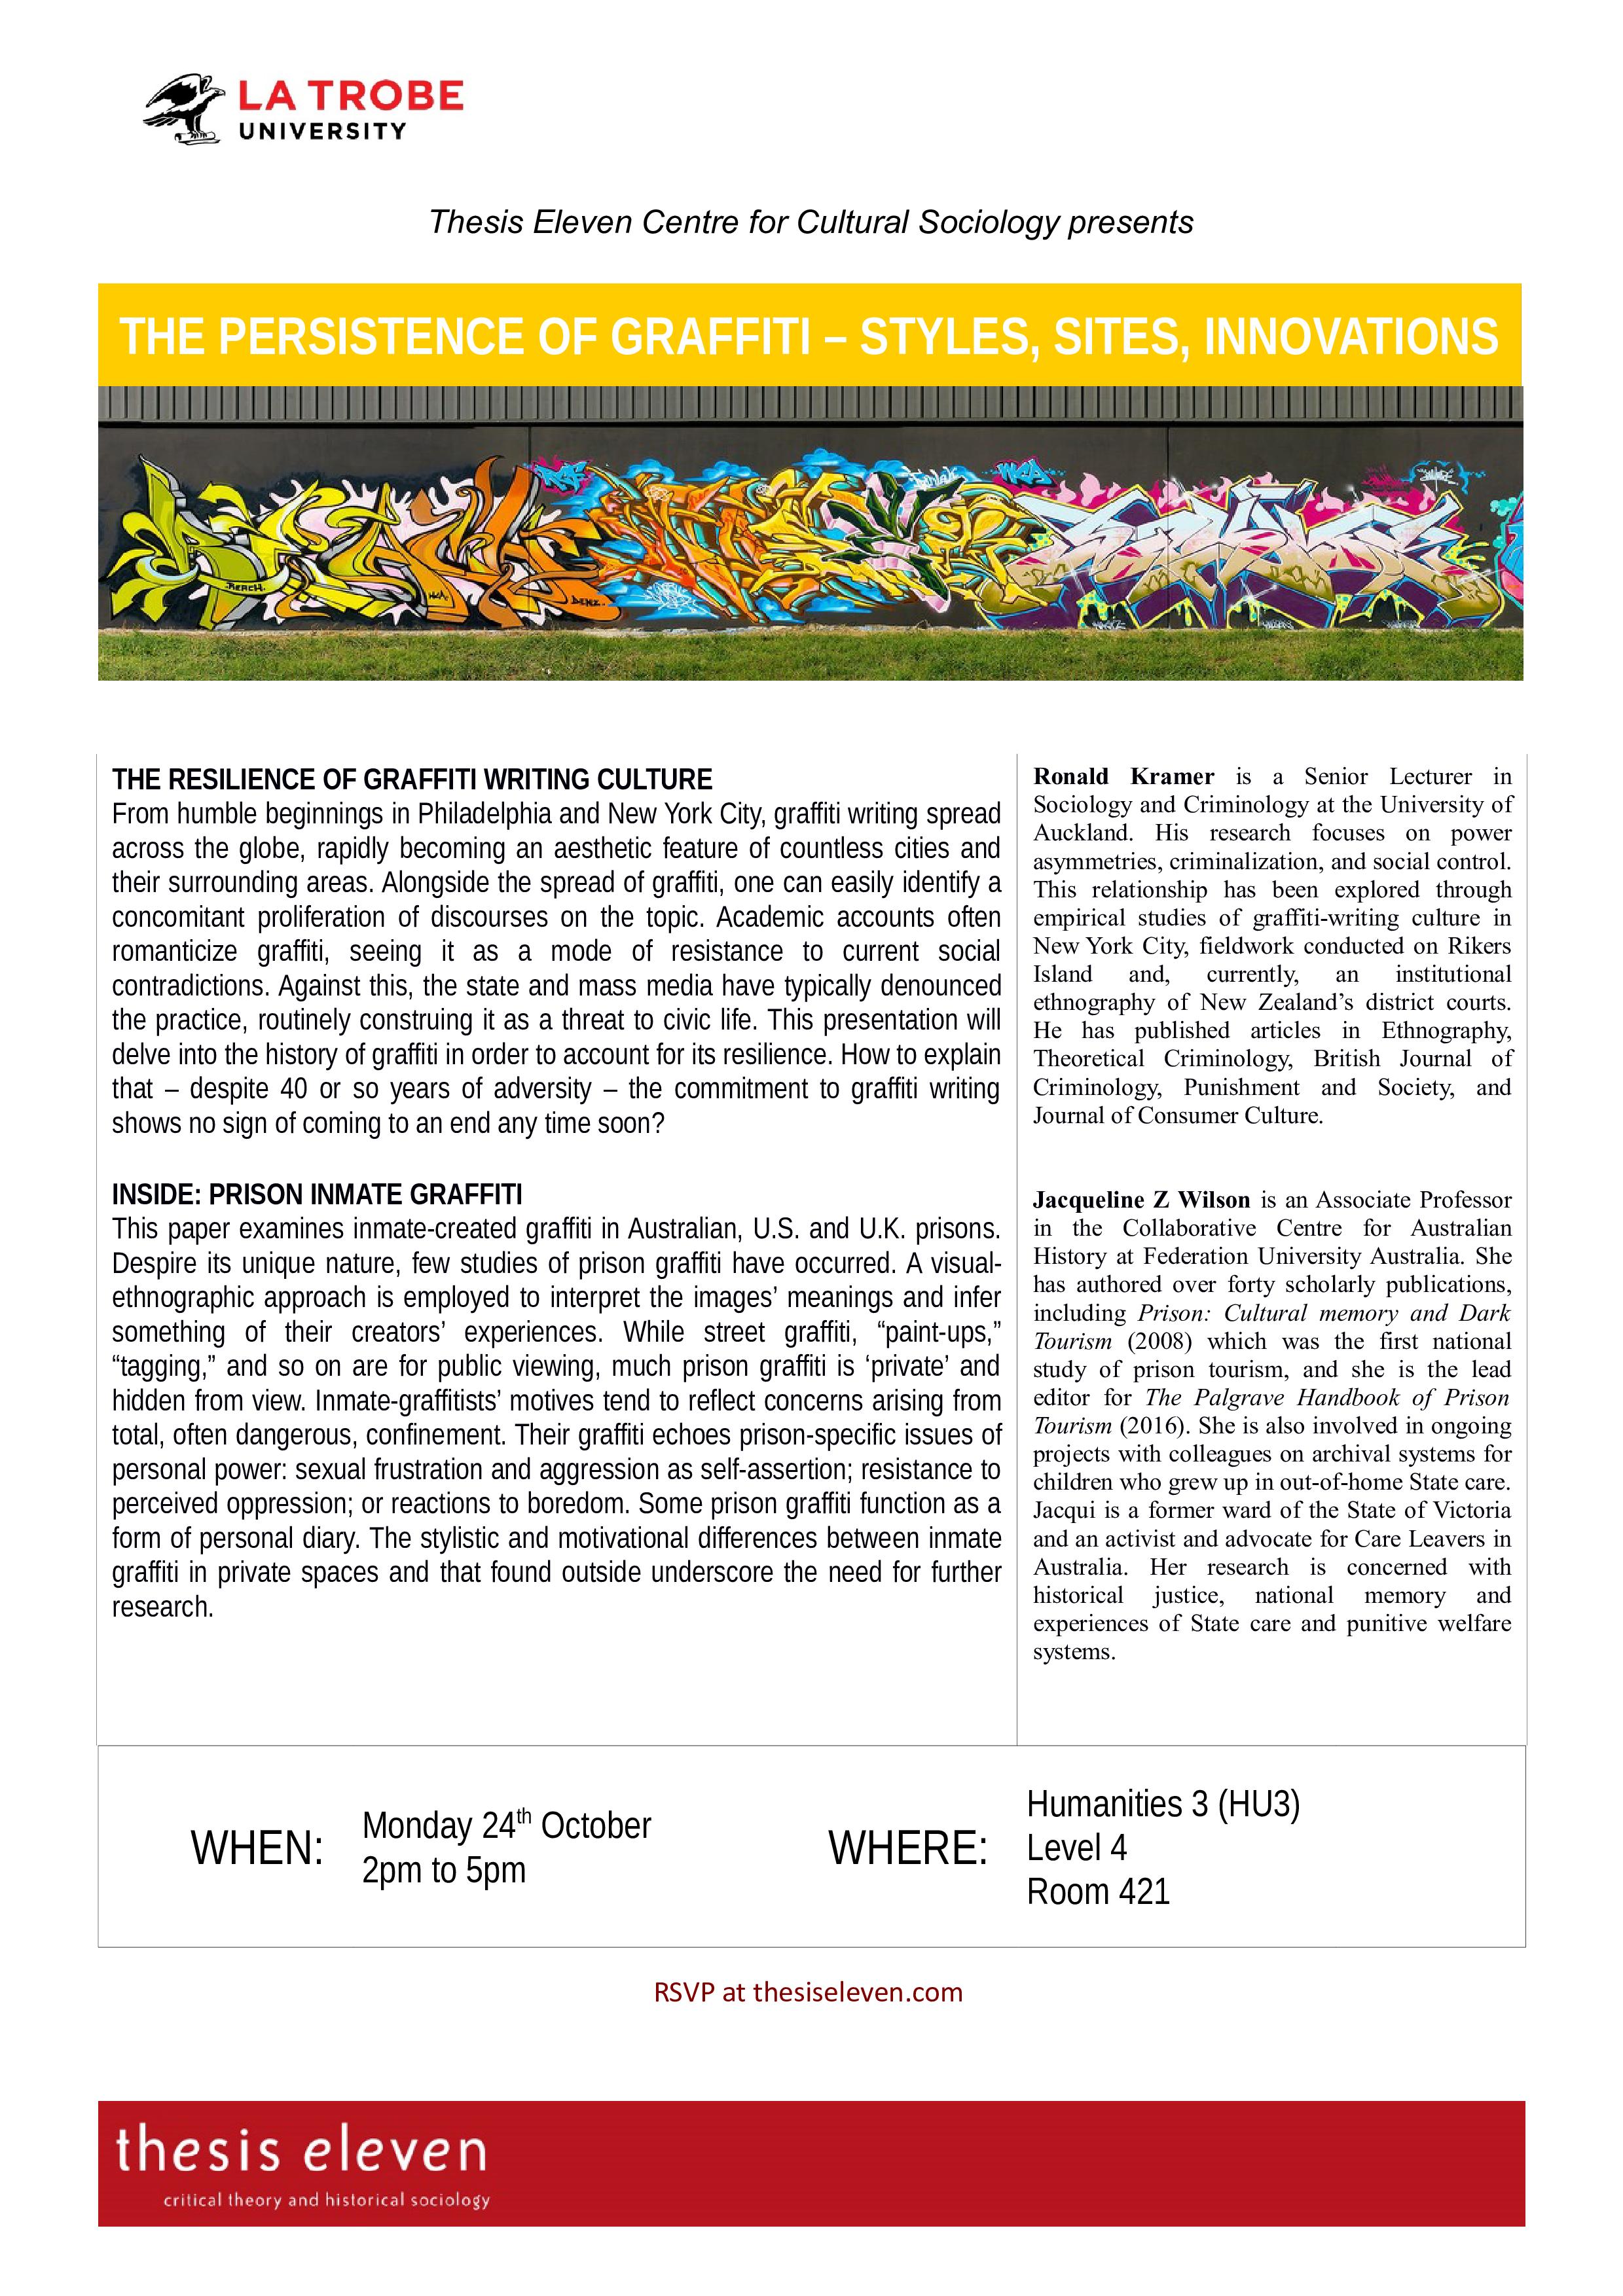 Seminar: the Persistence of Graffiti | thesis eleven